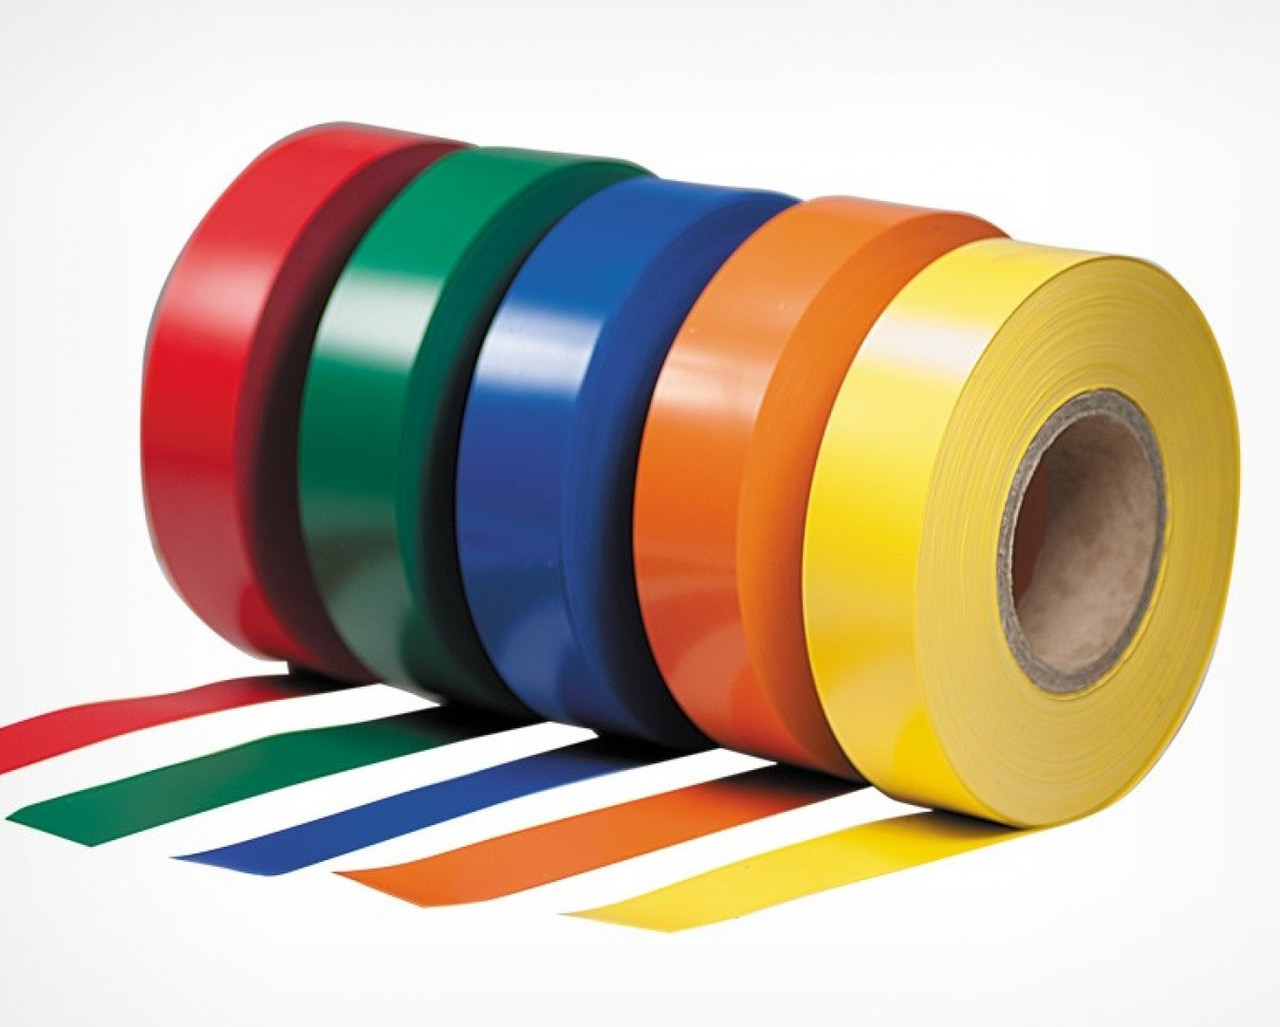 Цветная вставка в ценникодержатель COLOR-INSERT (L=100 м)